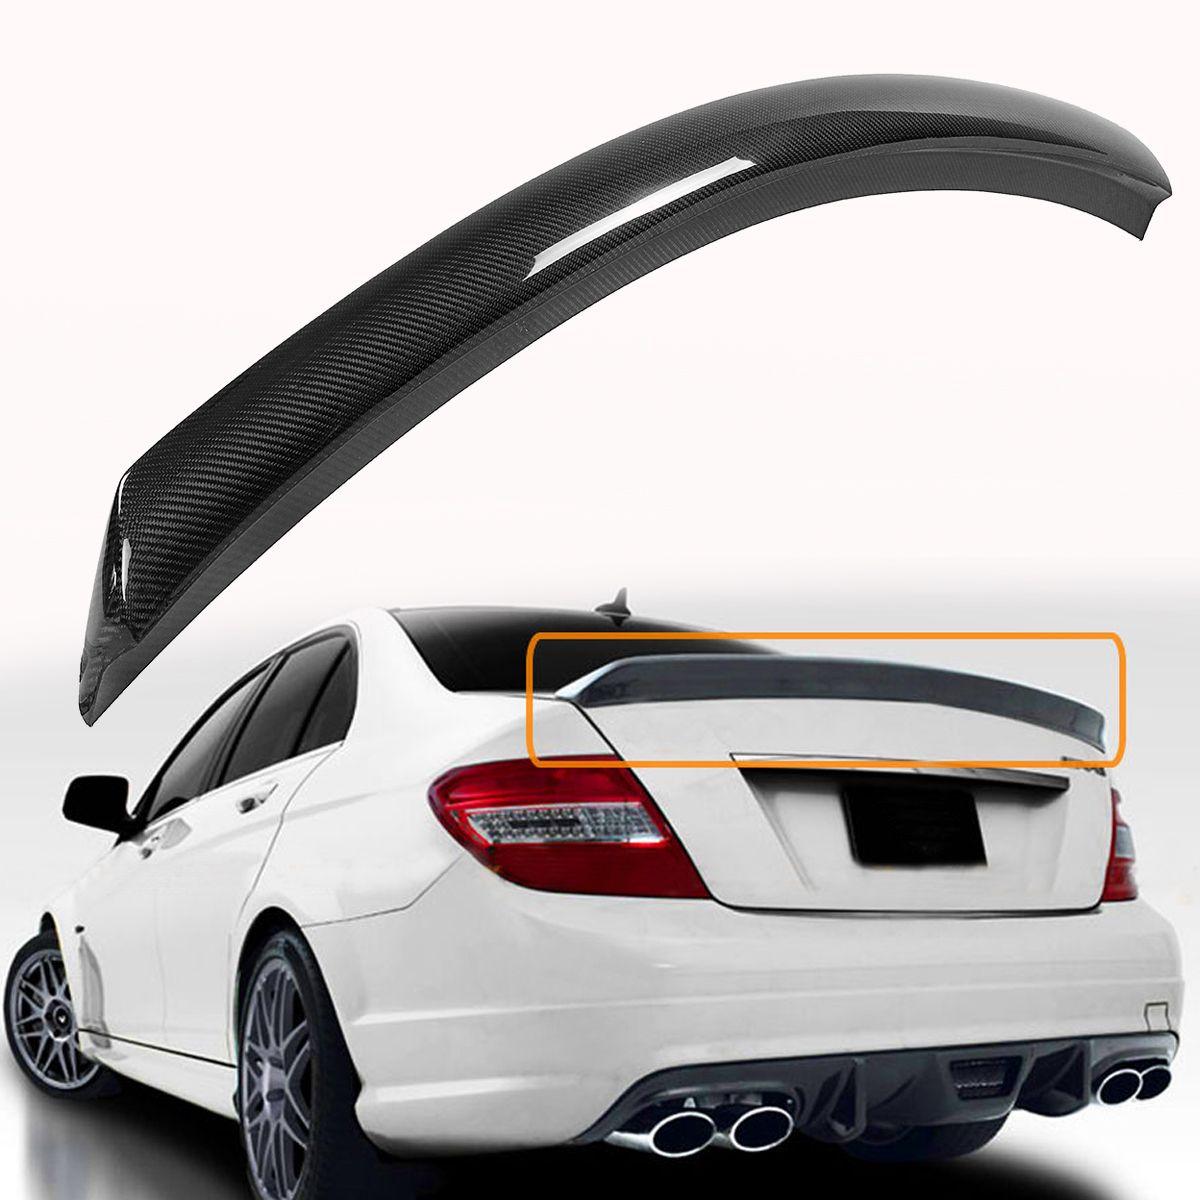 W204 C250 C300 C63 Real Carbon Fiber Auto Hinten Heckspoiler Flügel Für Mercedes Für Benz 2008-2014 4 tür V Stil Flügel Spolier